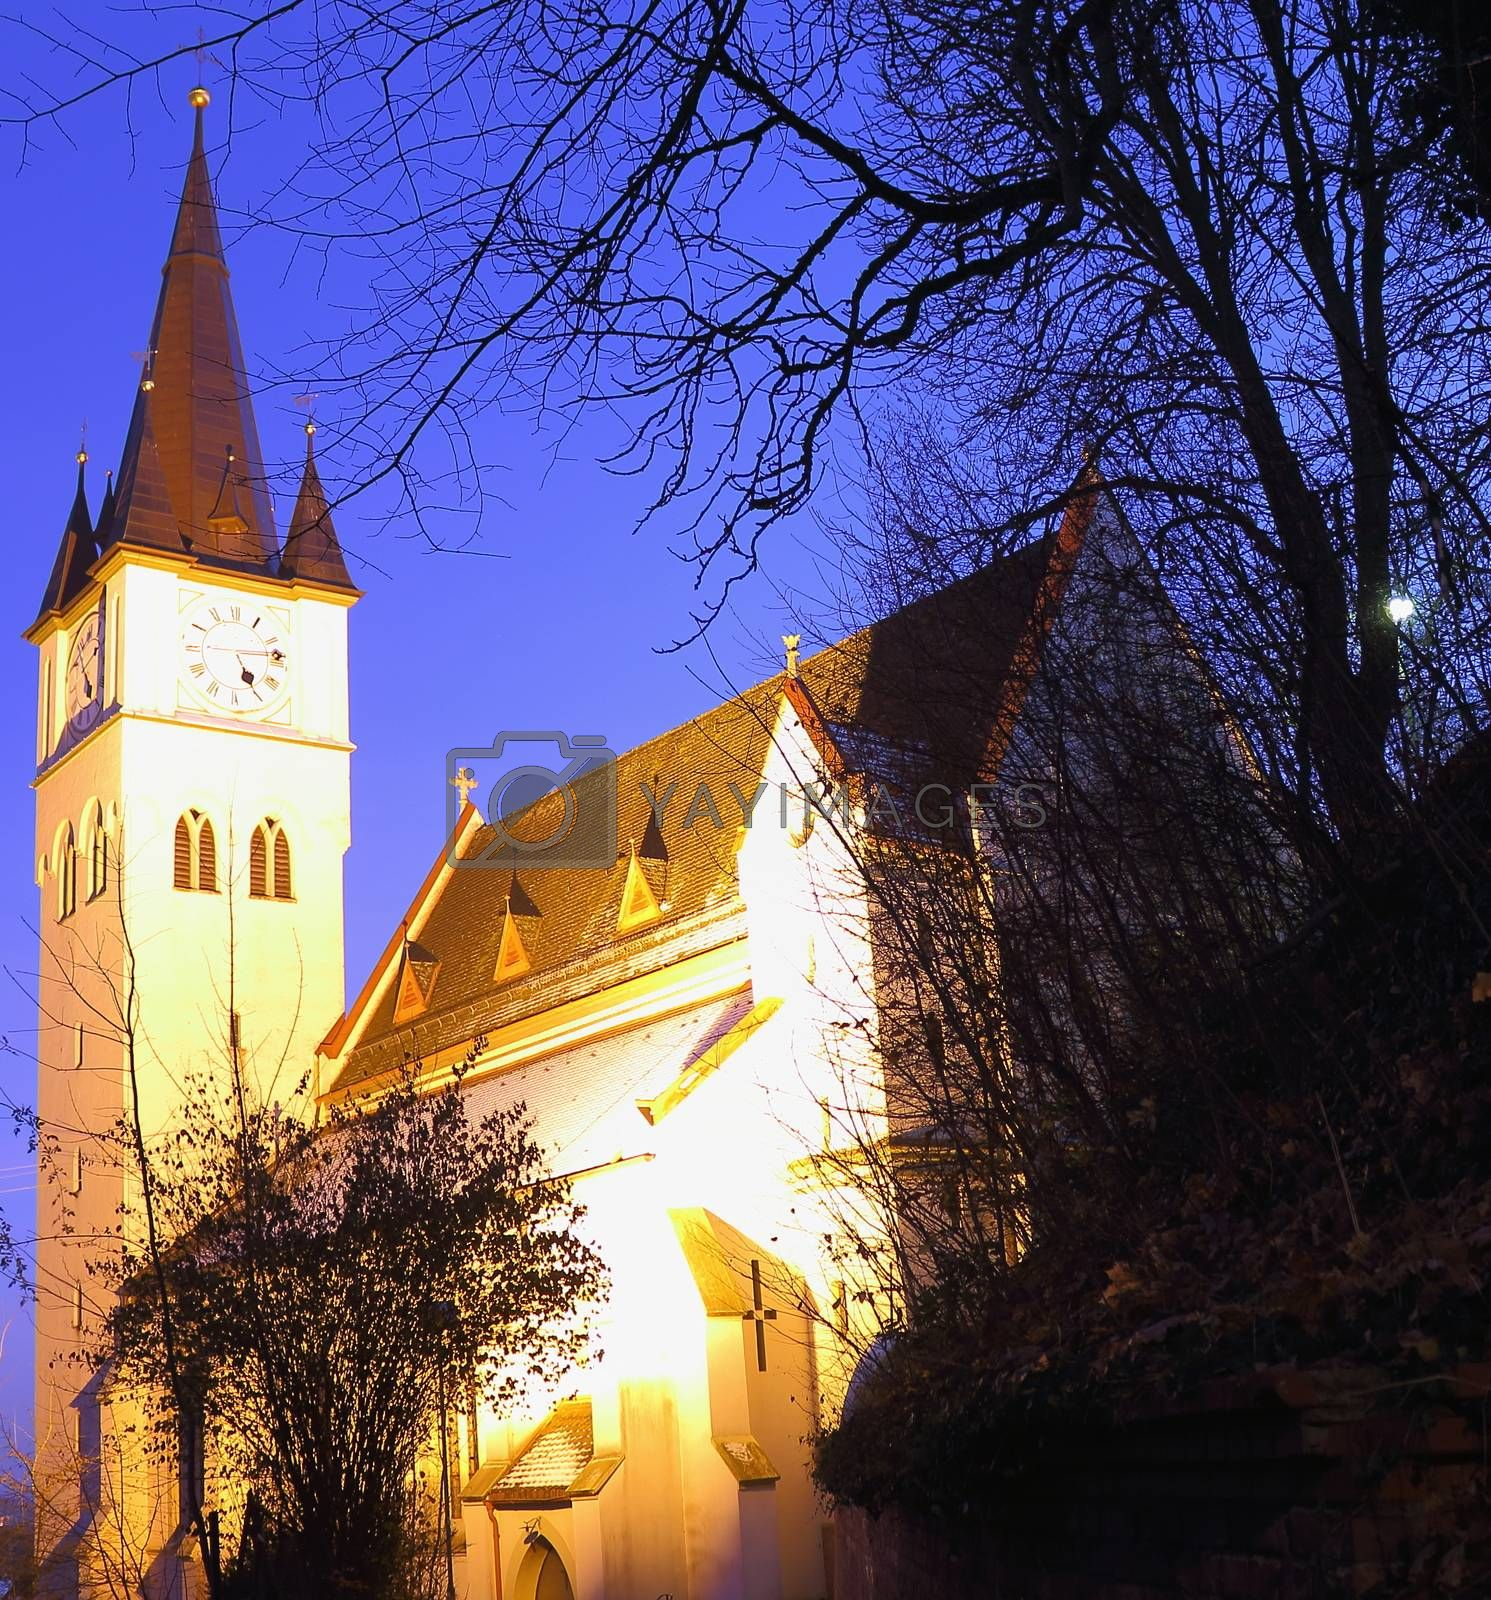 Church Erolzheim in Schwaben country